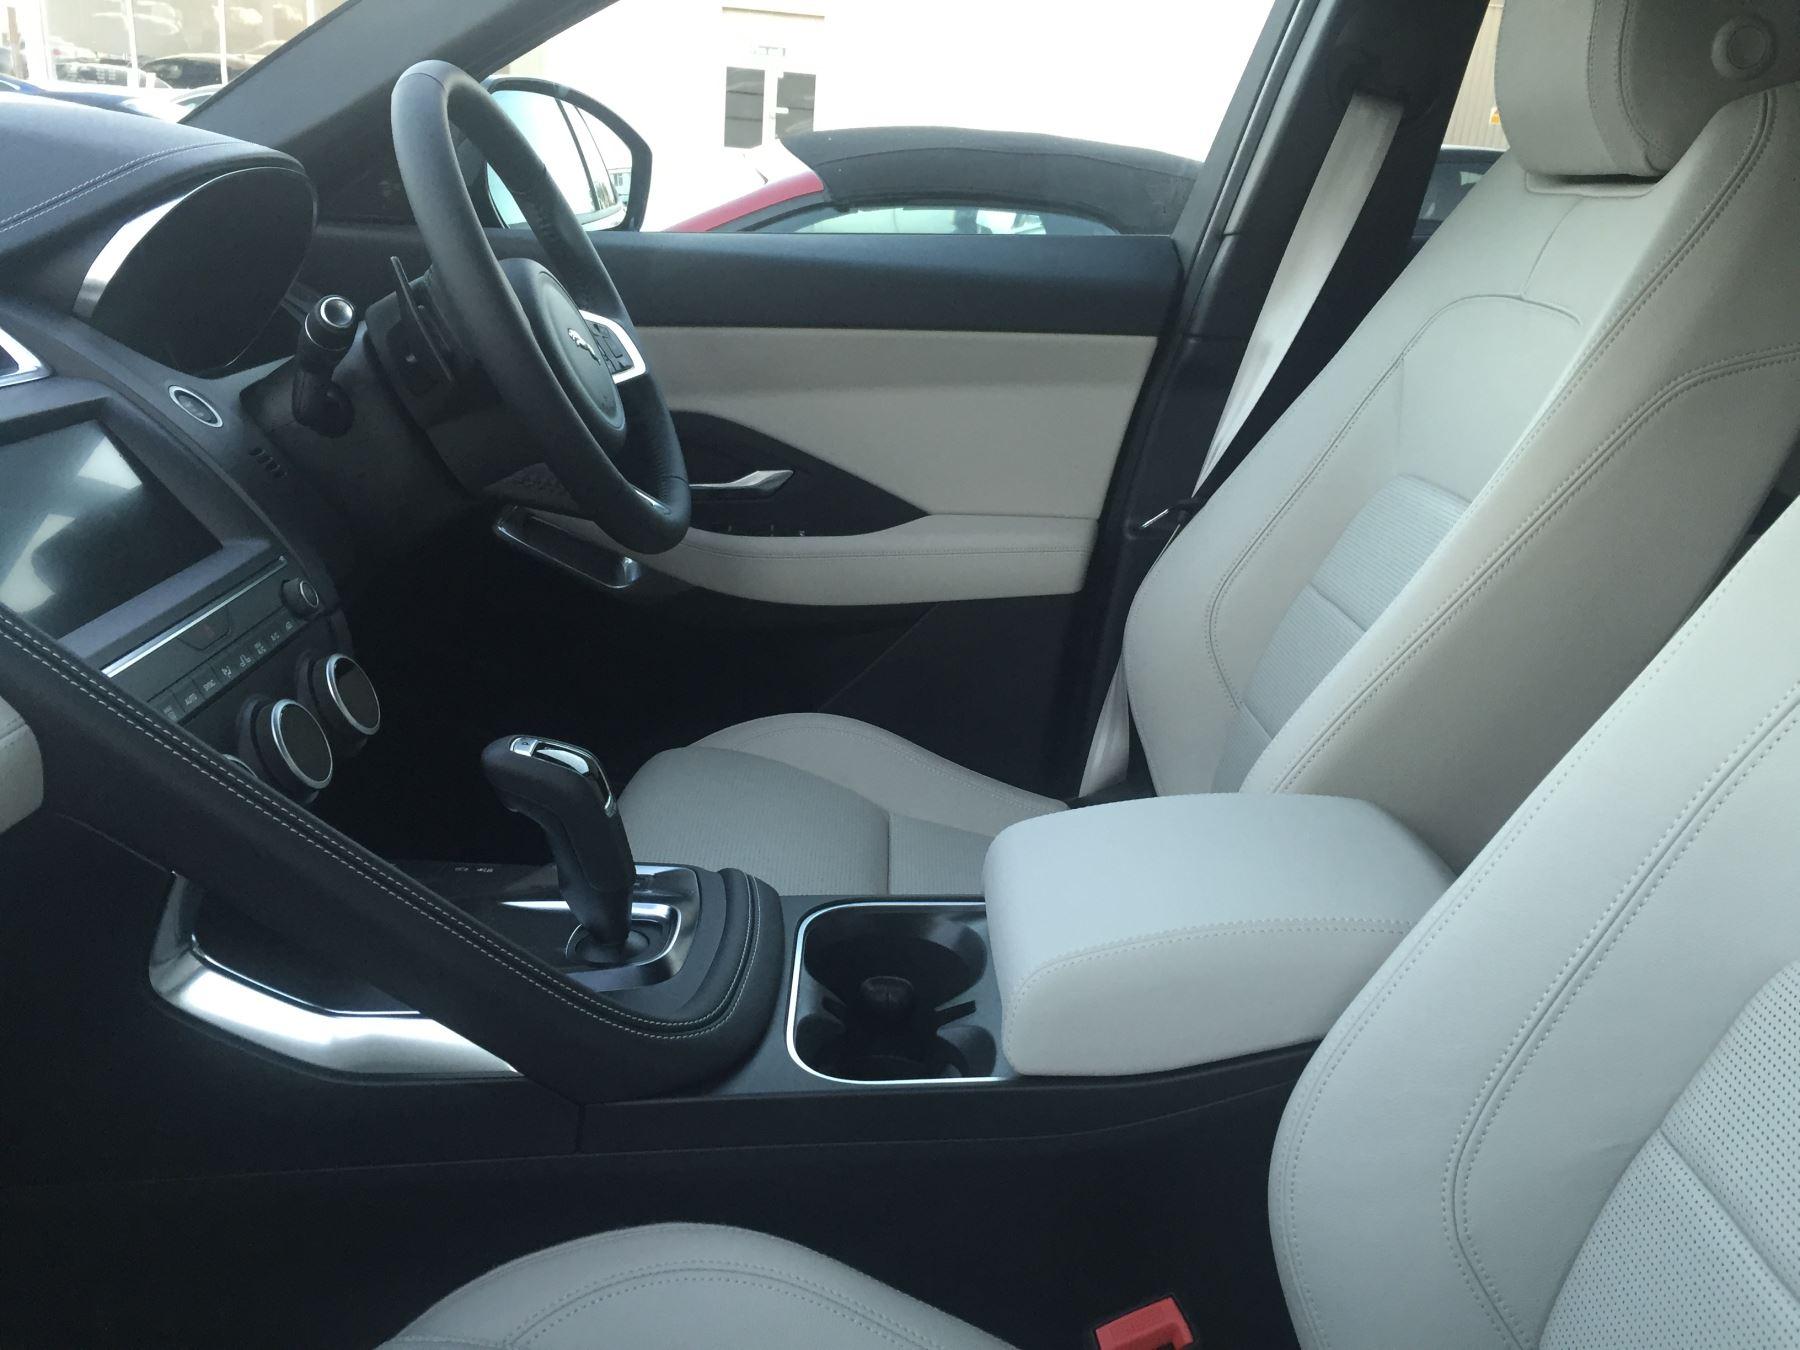 Jaguar E-PACE 2.0 R-Dynamic S image 10